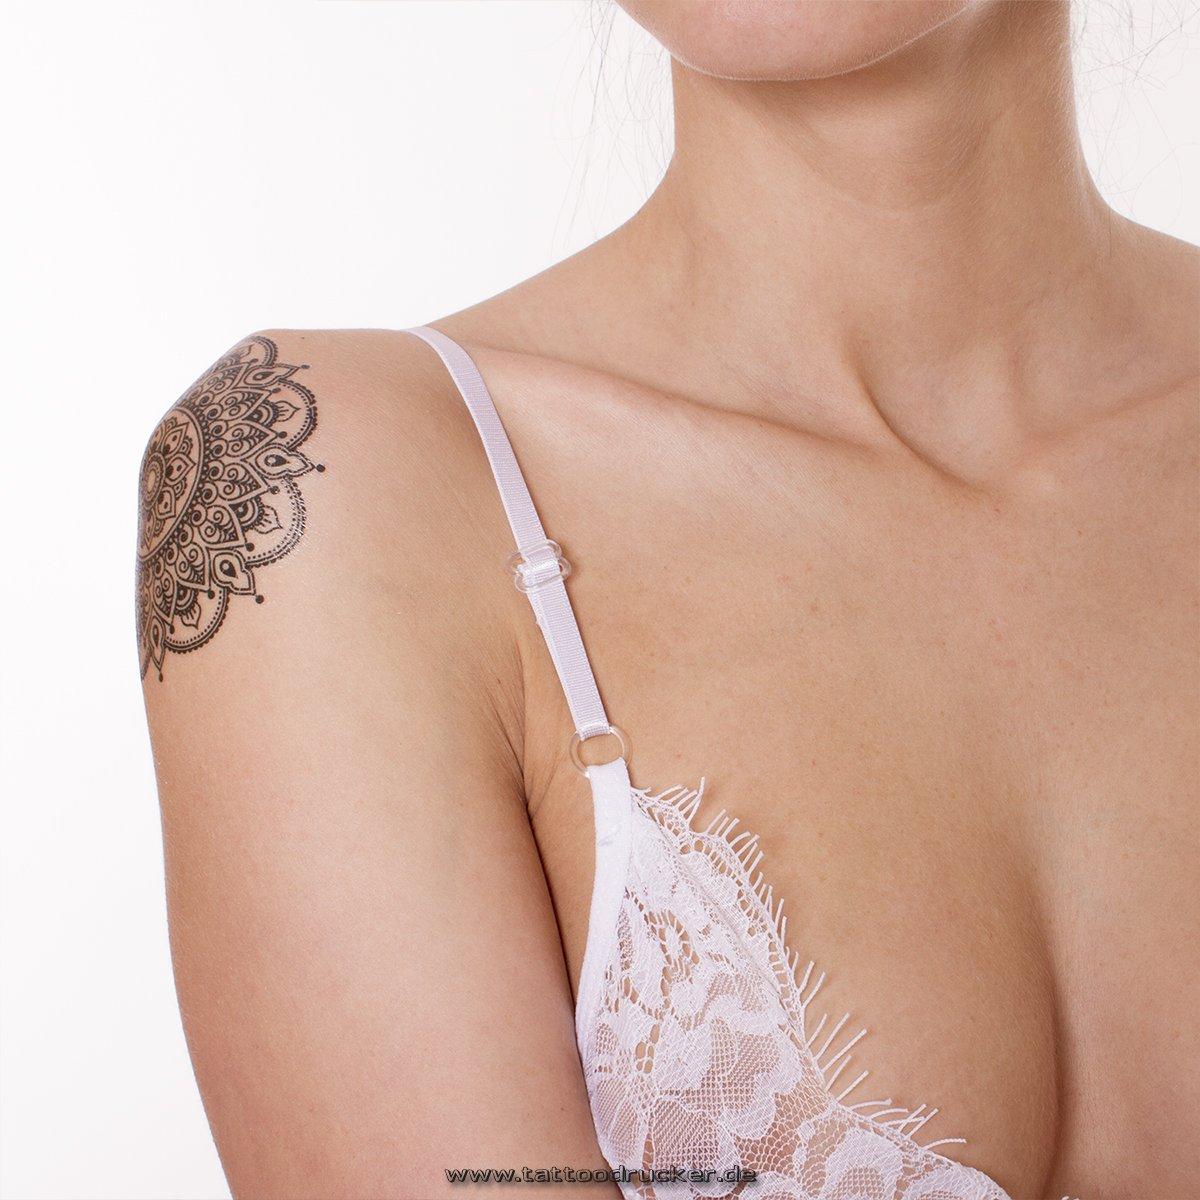 1 Tattoo Mandala Tattoo Negro tatuaje falso Flash Tattoo -Tatuajes ...